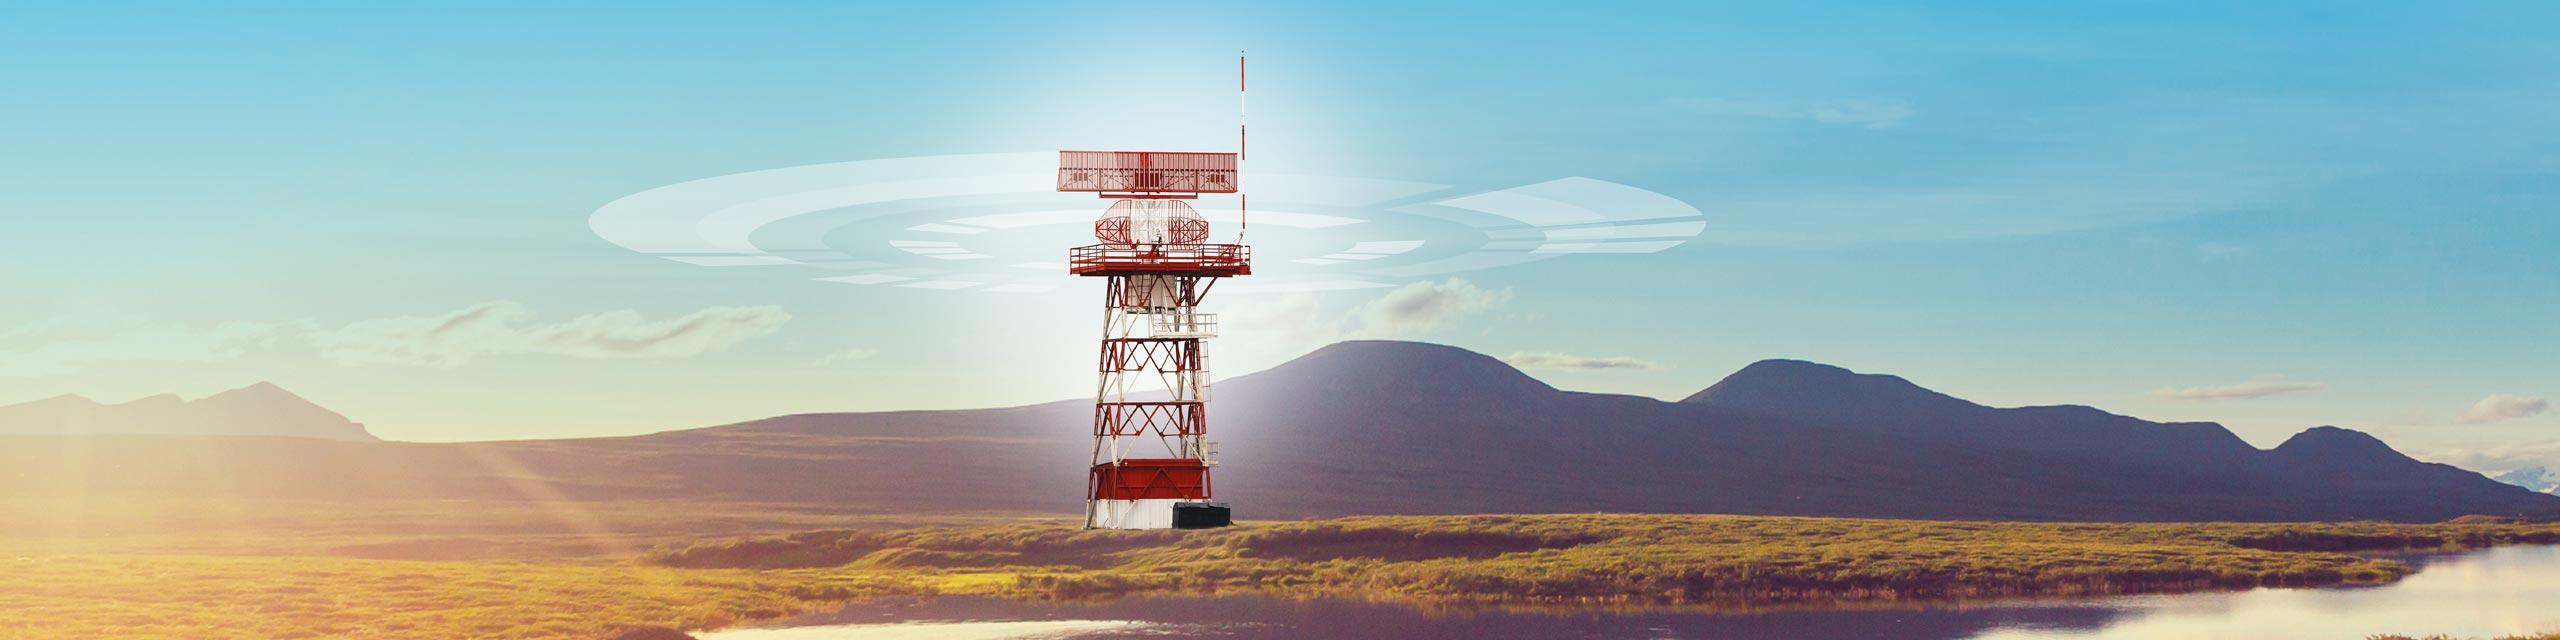 SPINNER Group - Radar